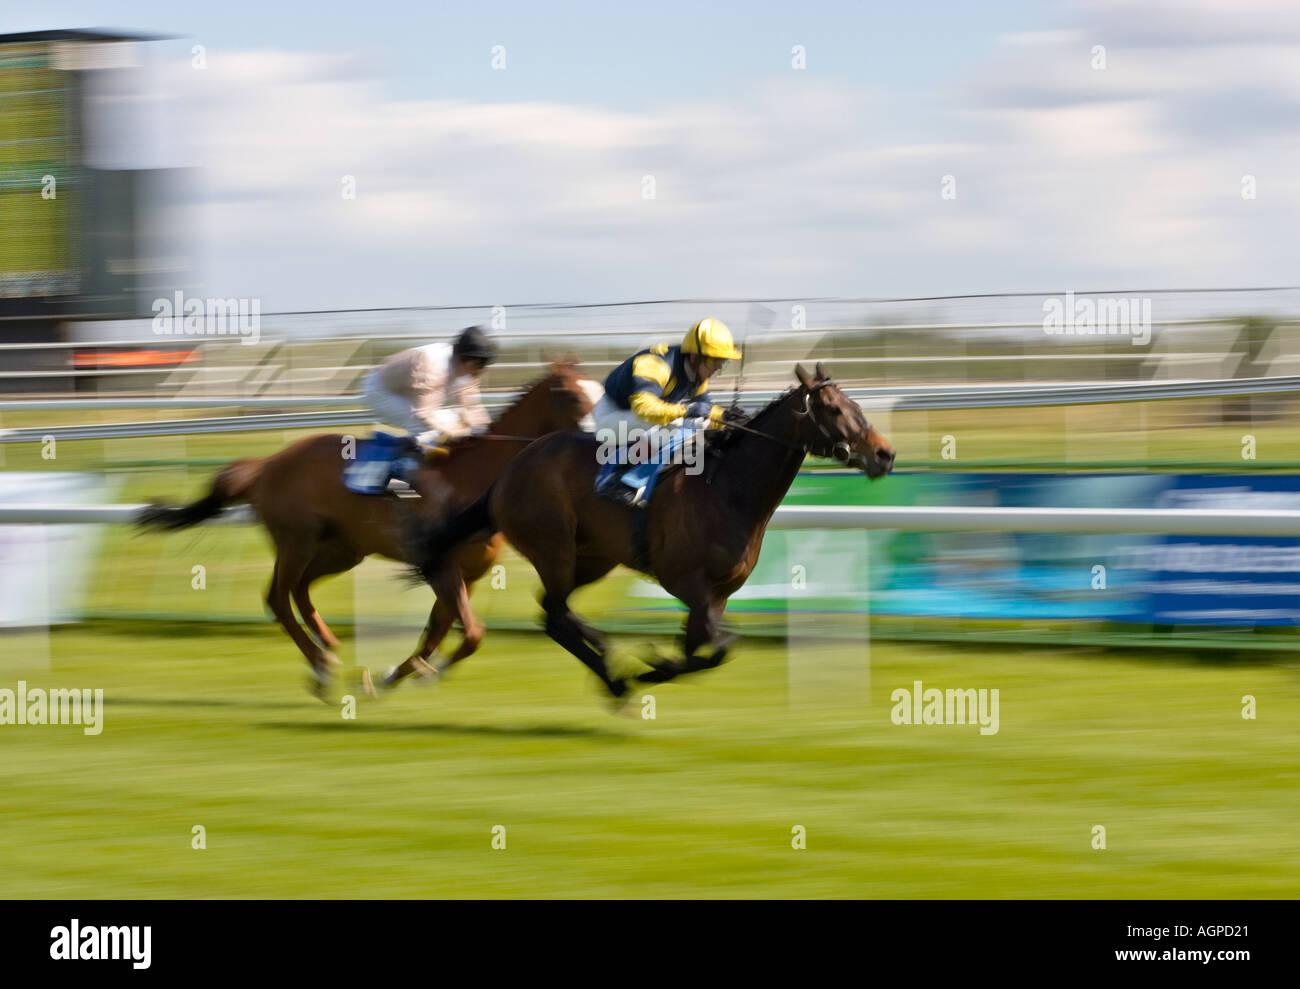 Le corse di cavalli in una gara per il post di finitura Immagini Stock